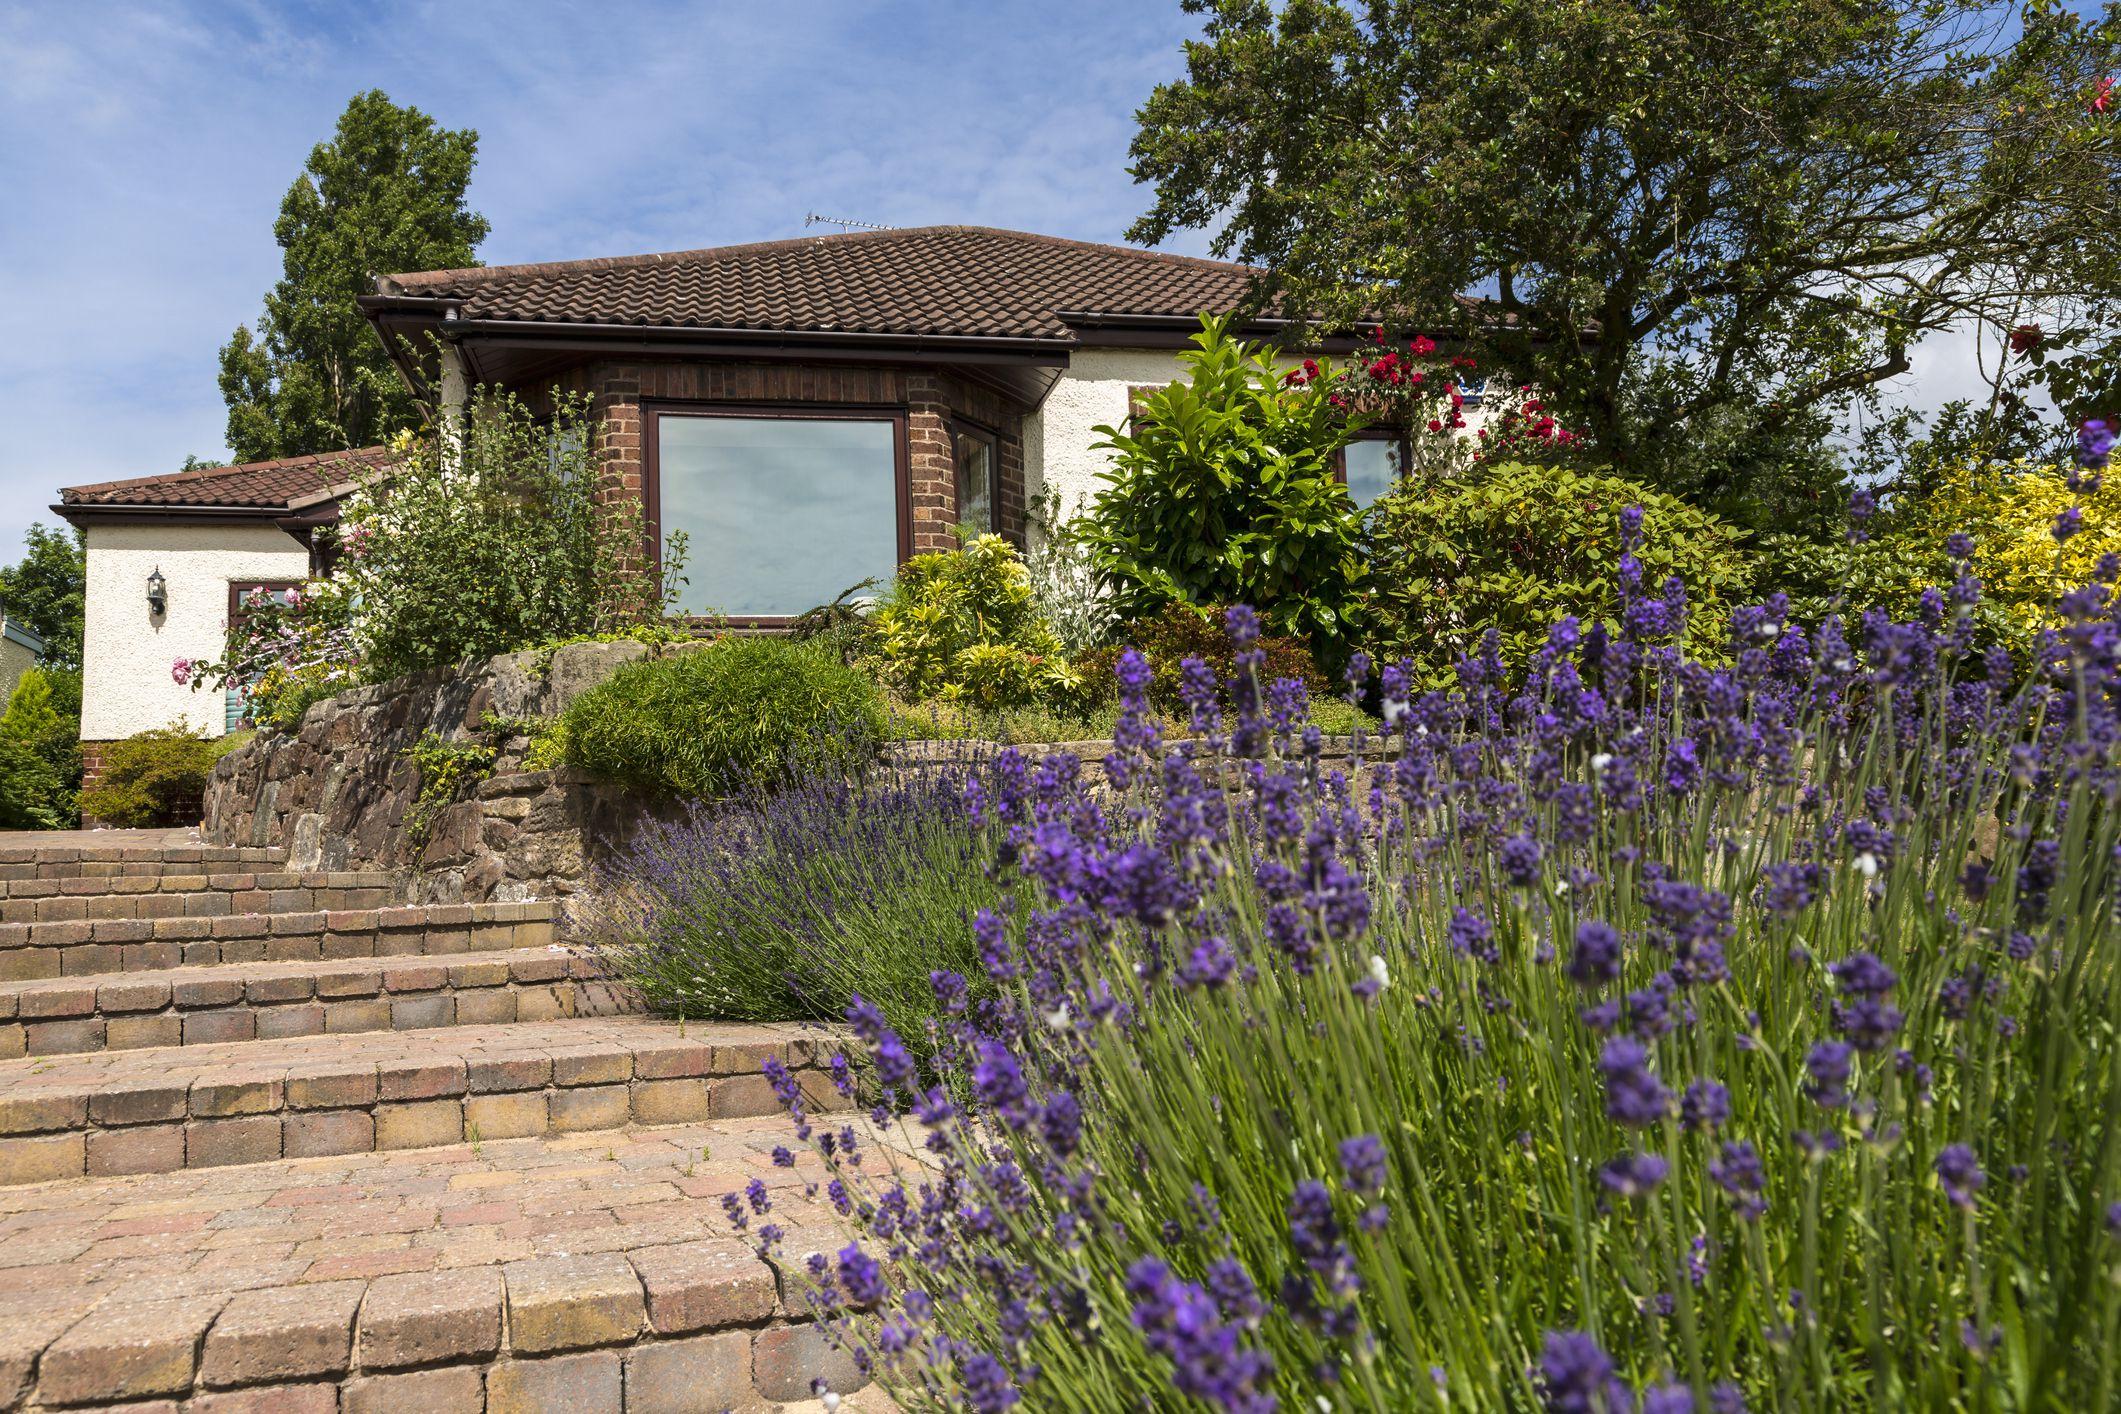 Lavender along garden path